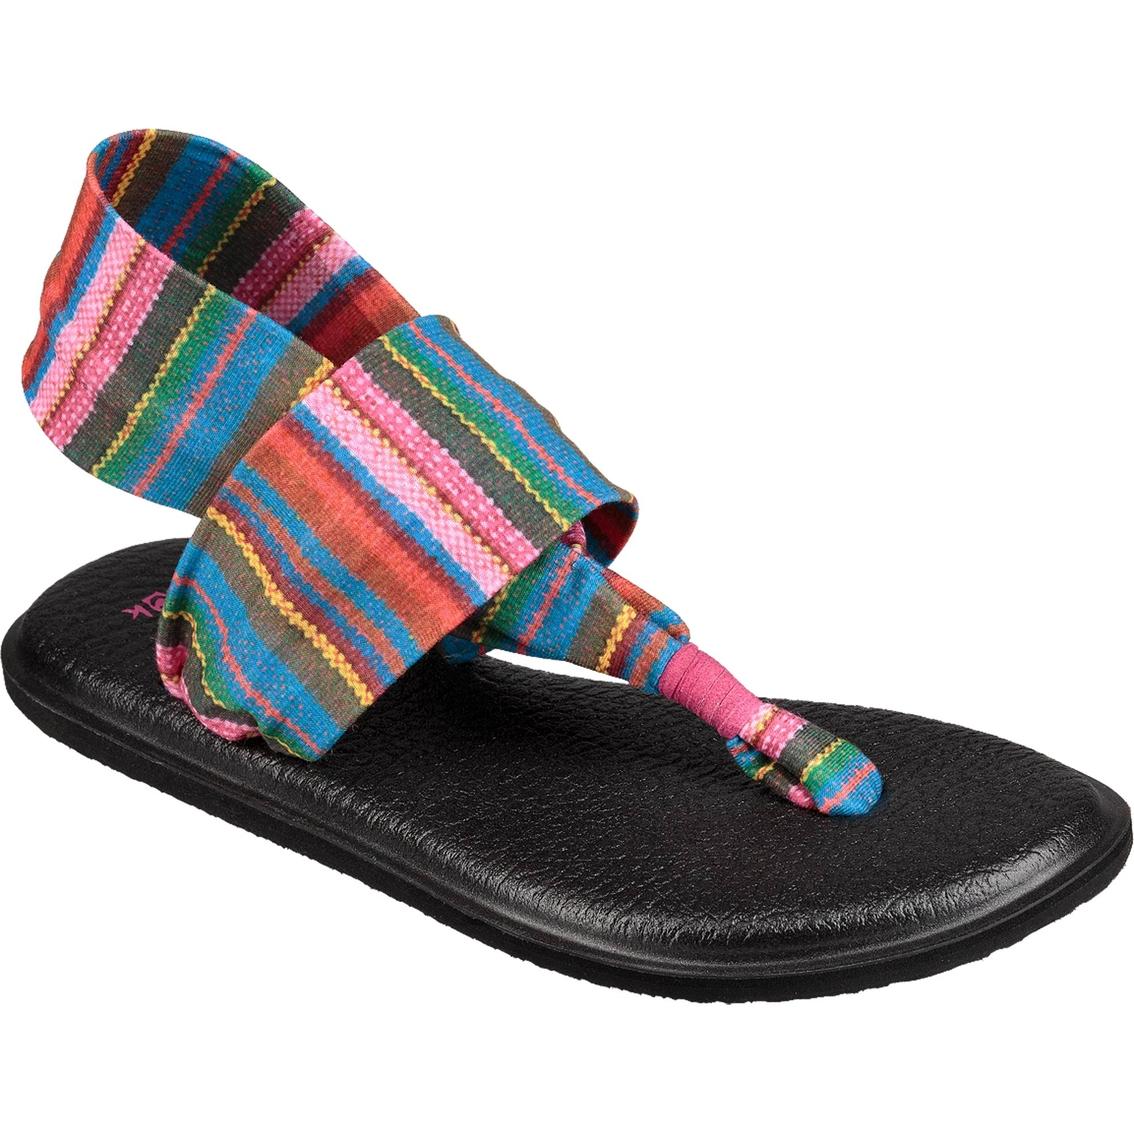 abc5f006c3f9 Sanuk Yoga Sling 2 Prints Sandals